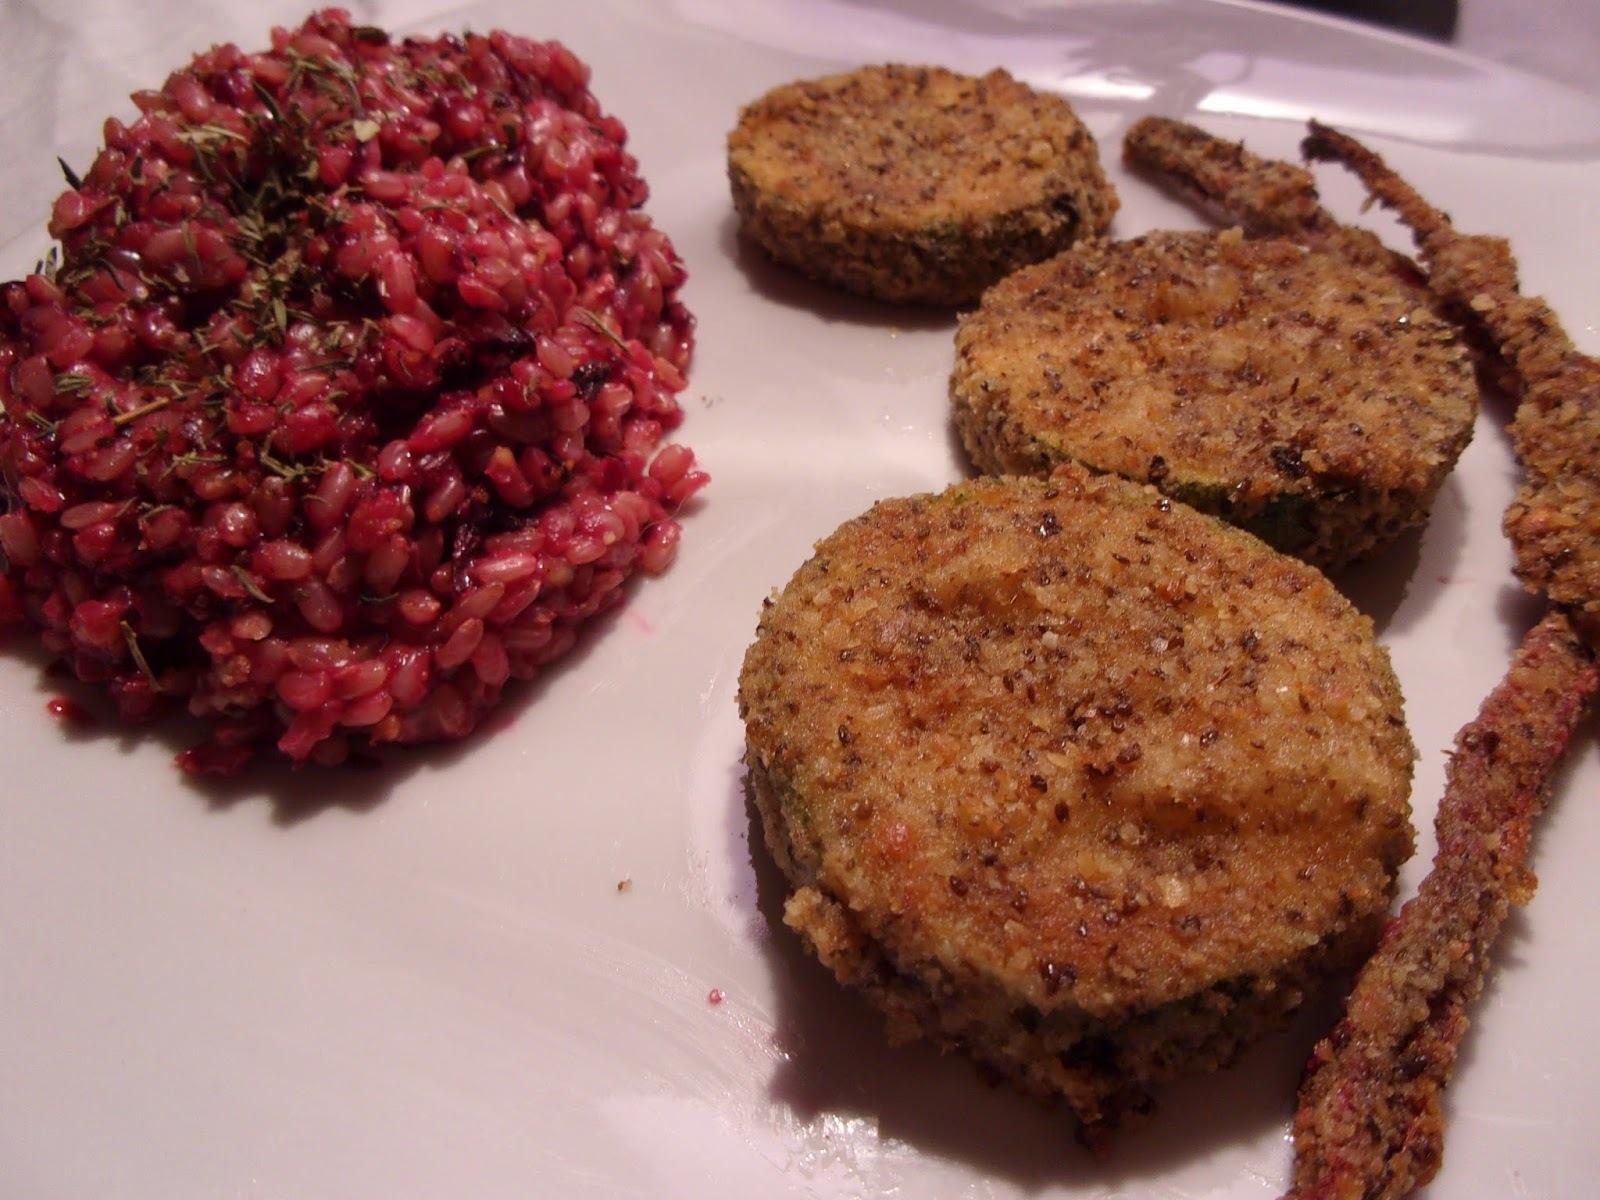 Rincón Vegano- Vegetariano: Arroz Morado con milanesas de Zucchini y Palitos de remolacha rebozados .-